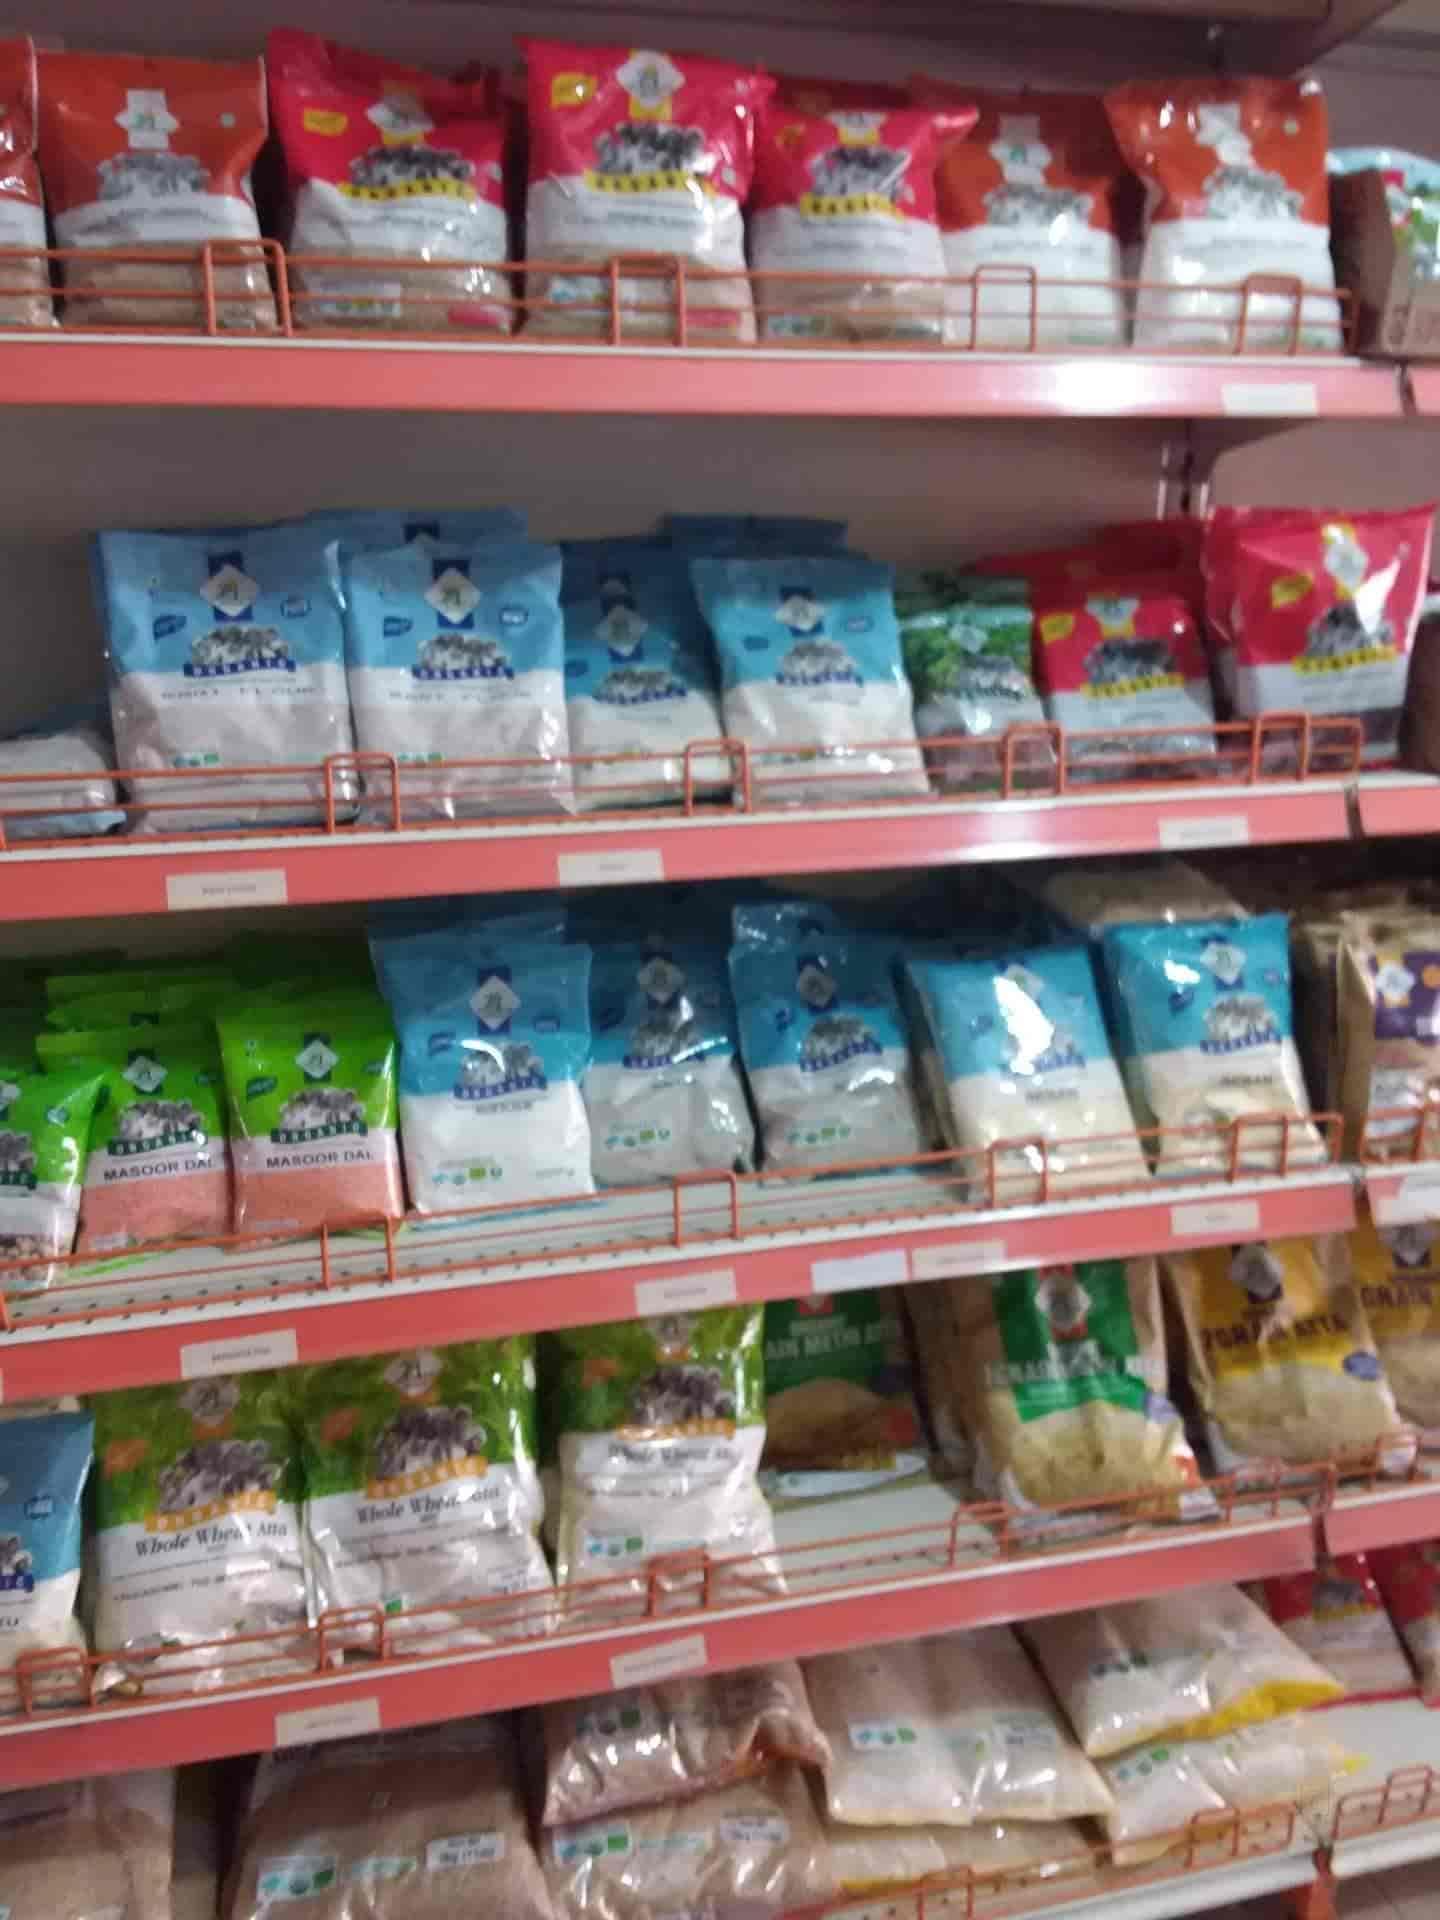 24 Mantra Oraganic Farm Shop, Habsiguda - Supermarkets in